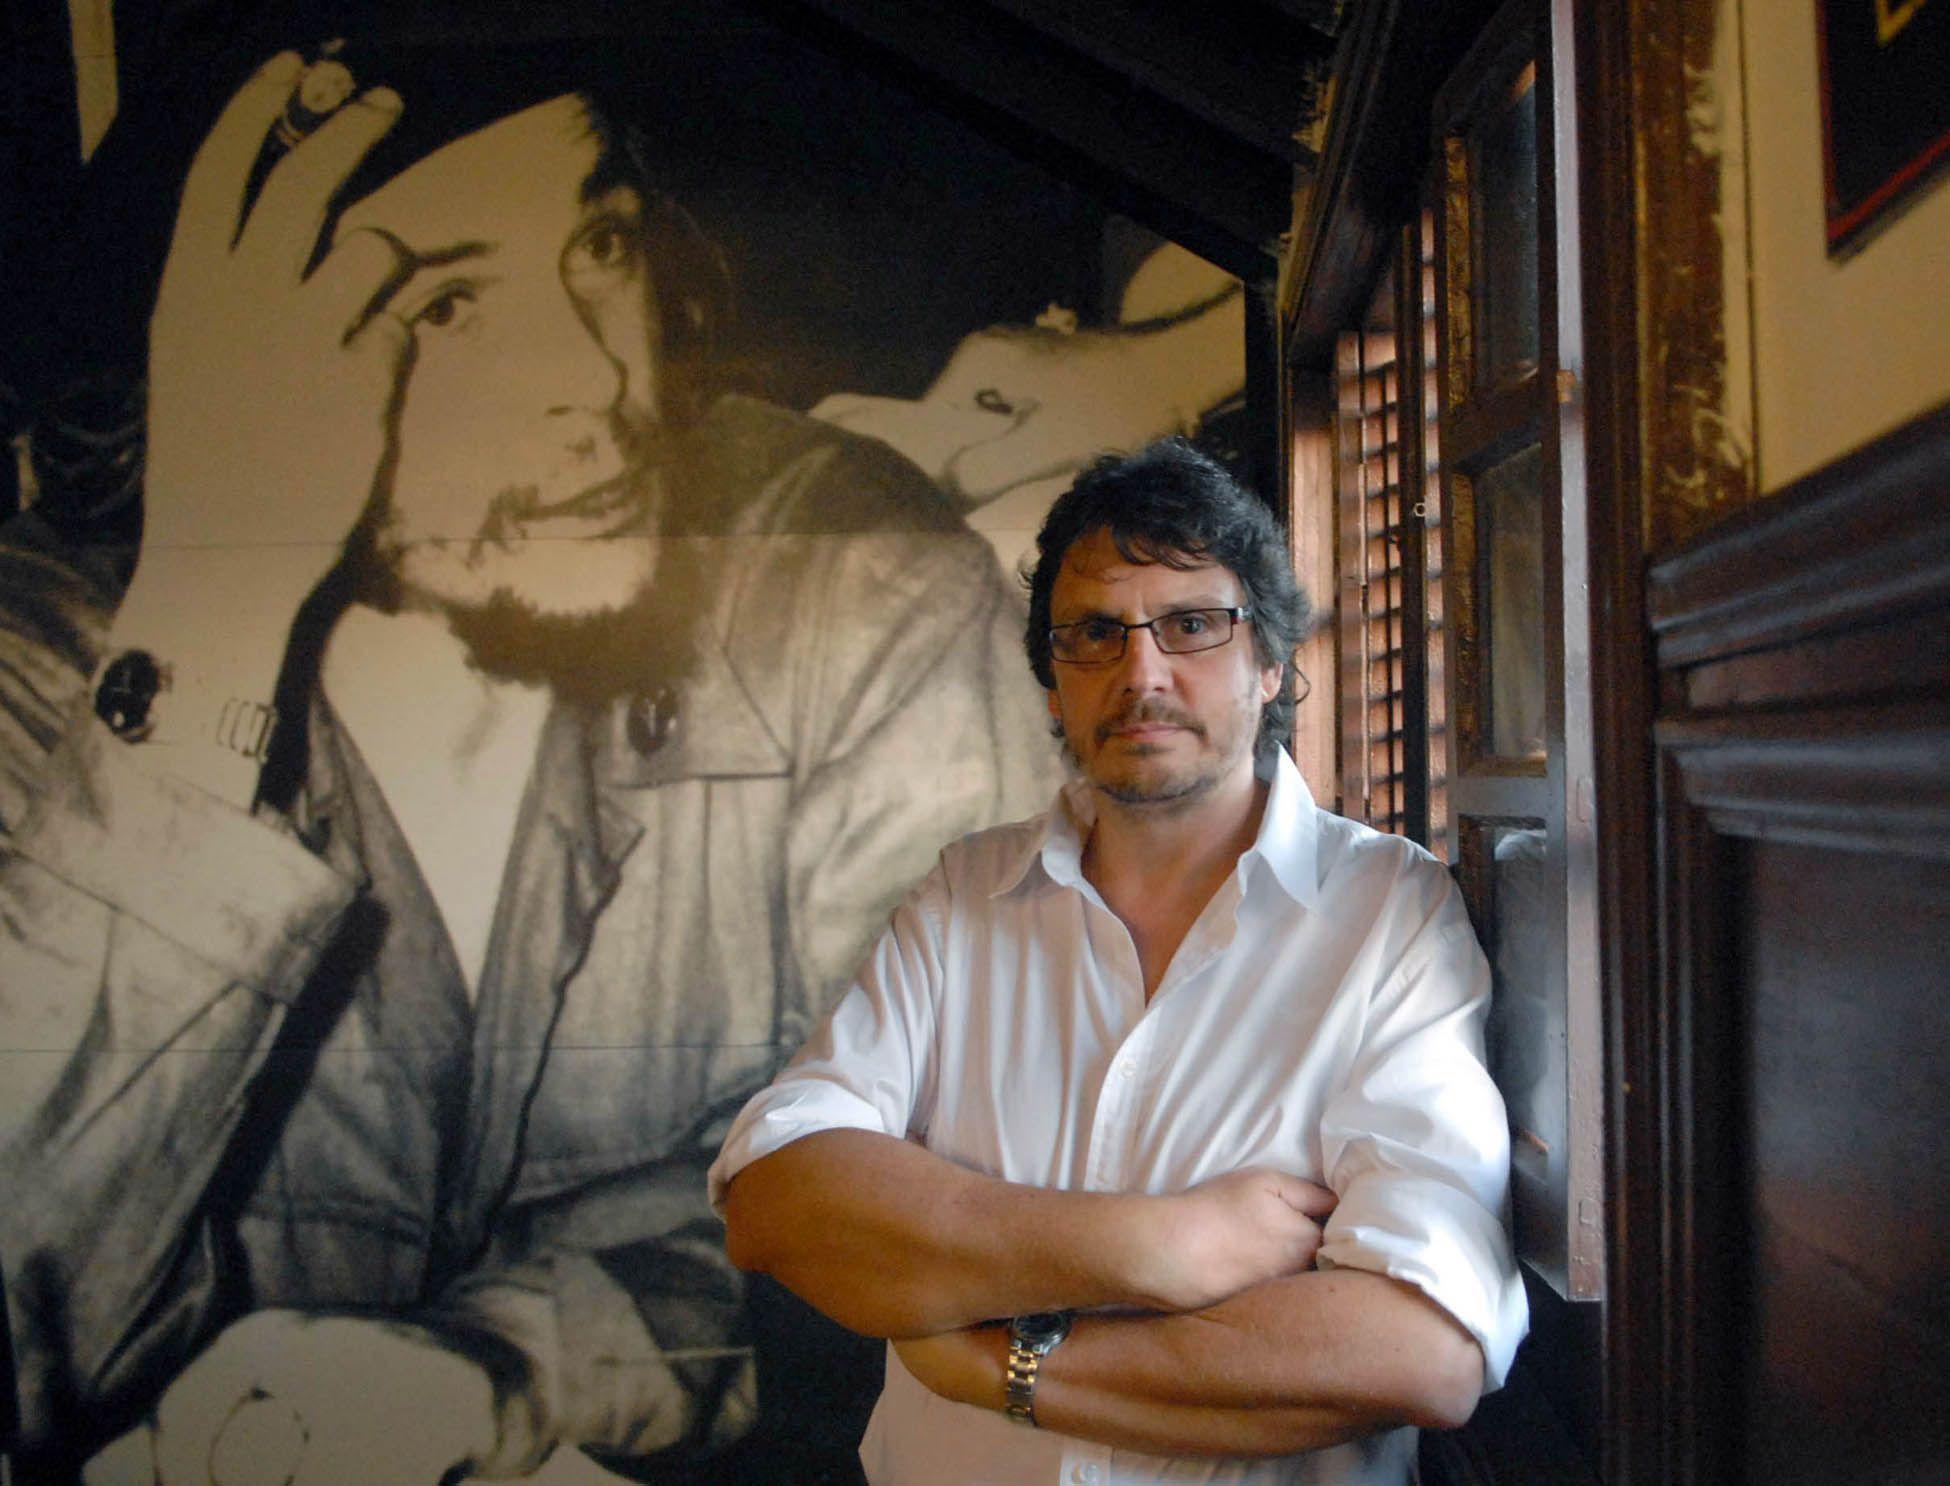 13 episodios. El historiador estrena un nuevo ciclo sobre la historia argentina.